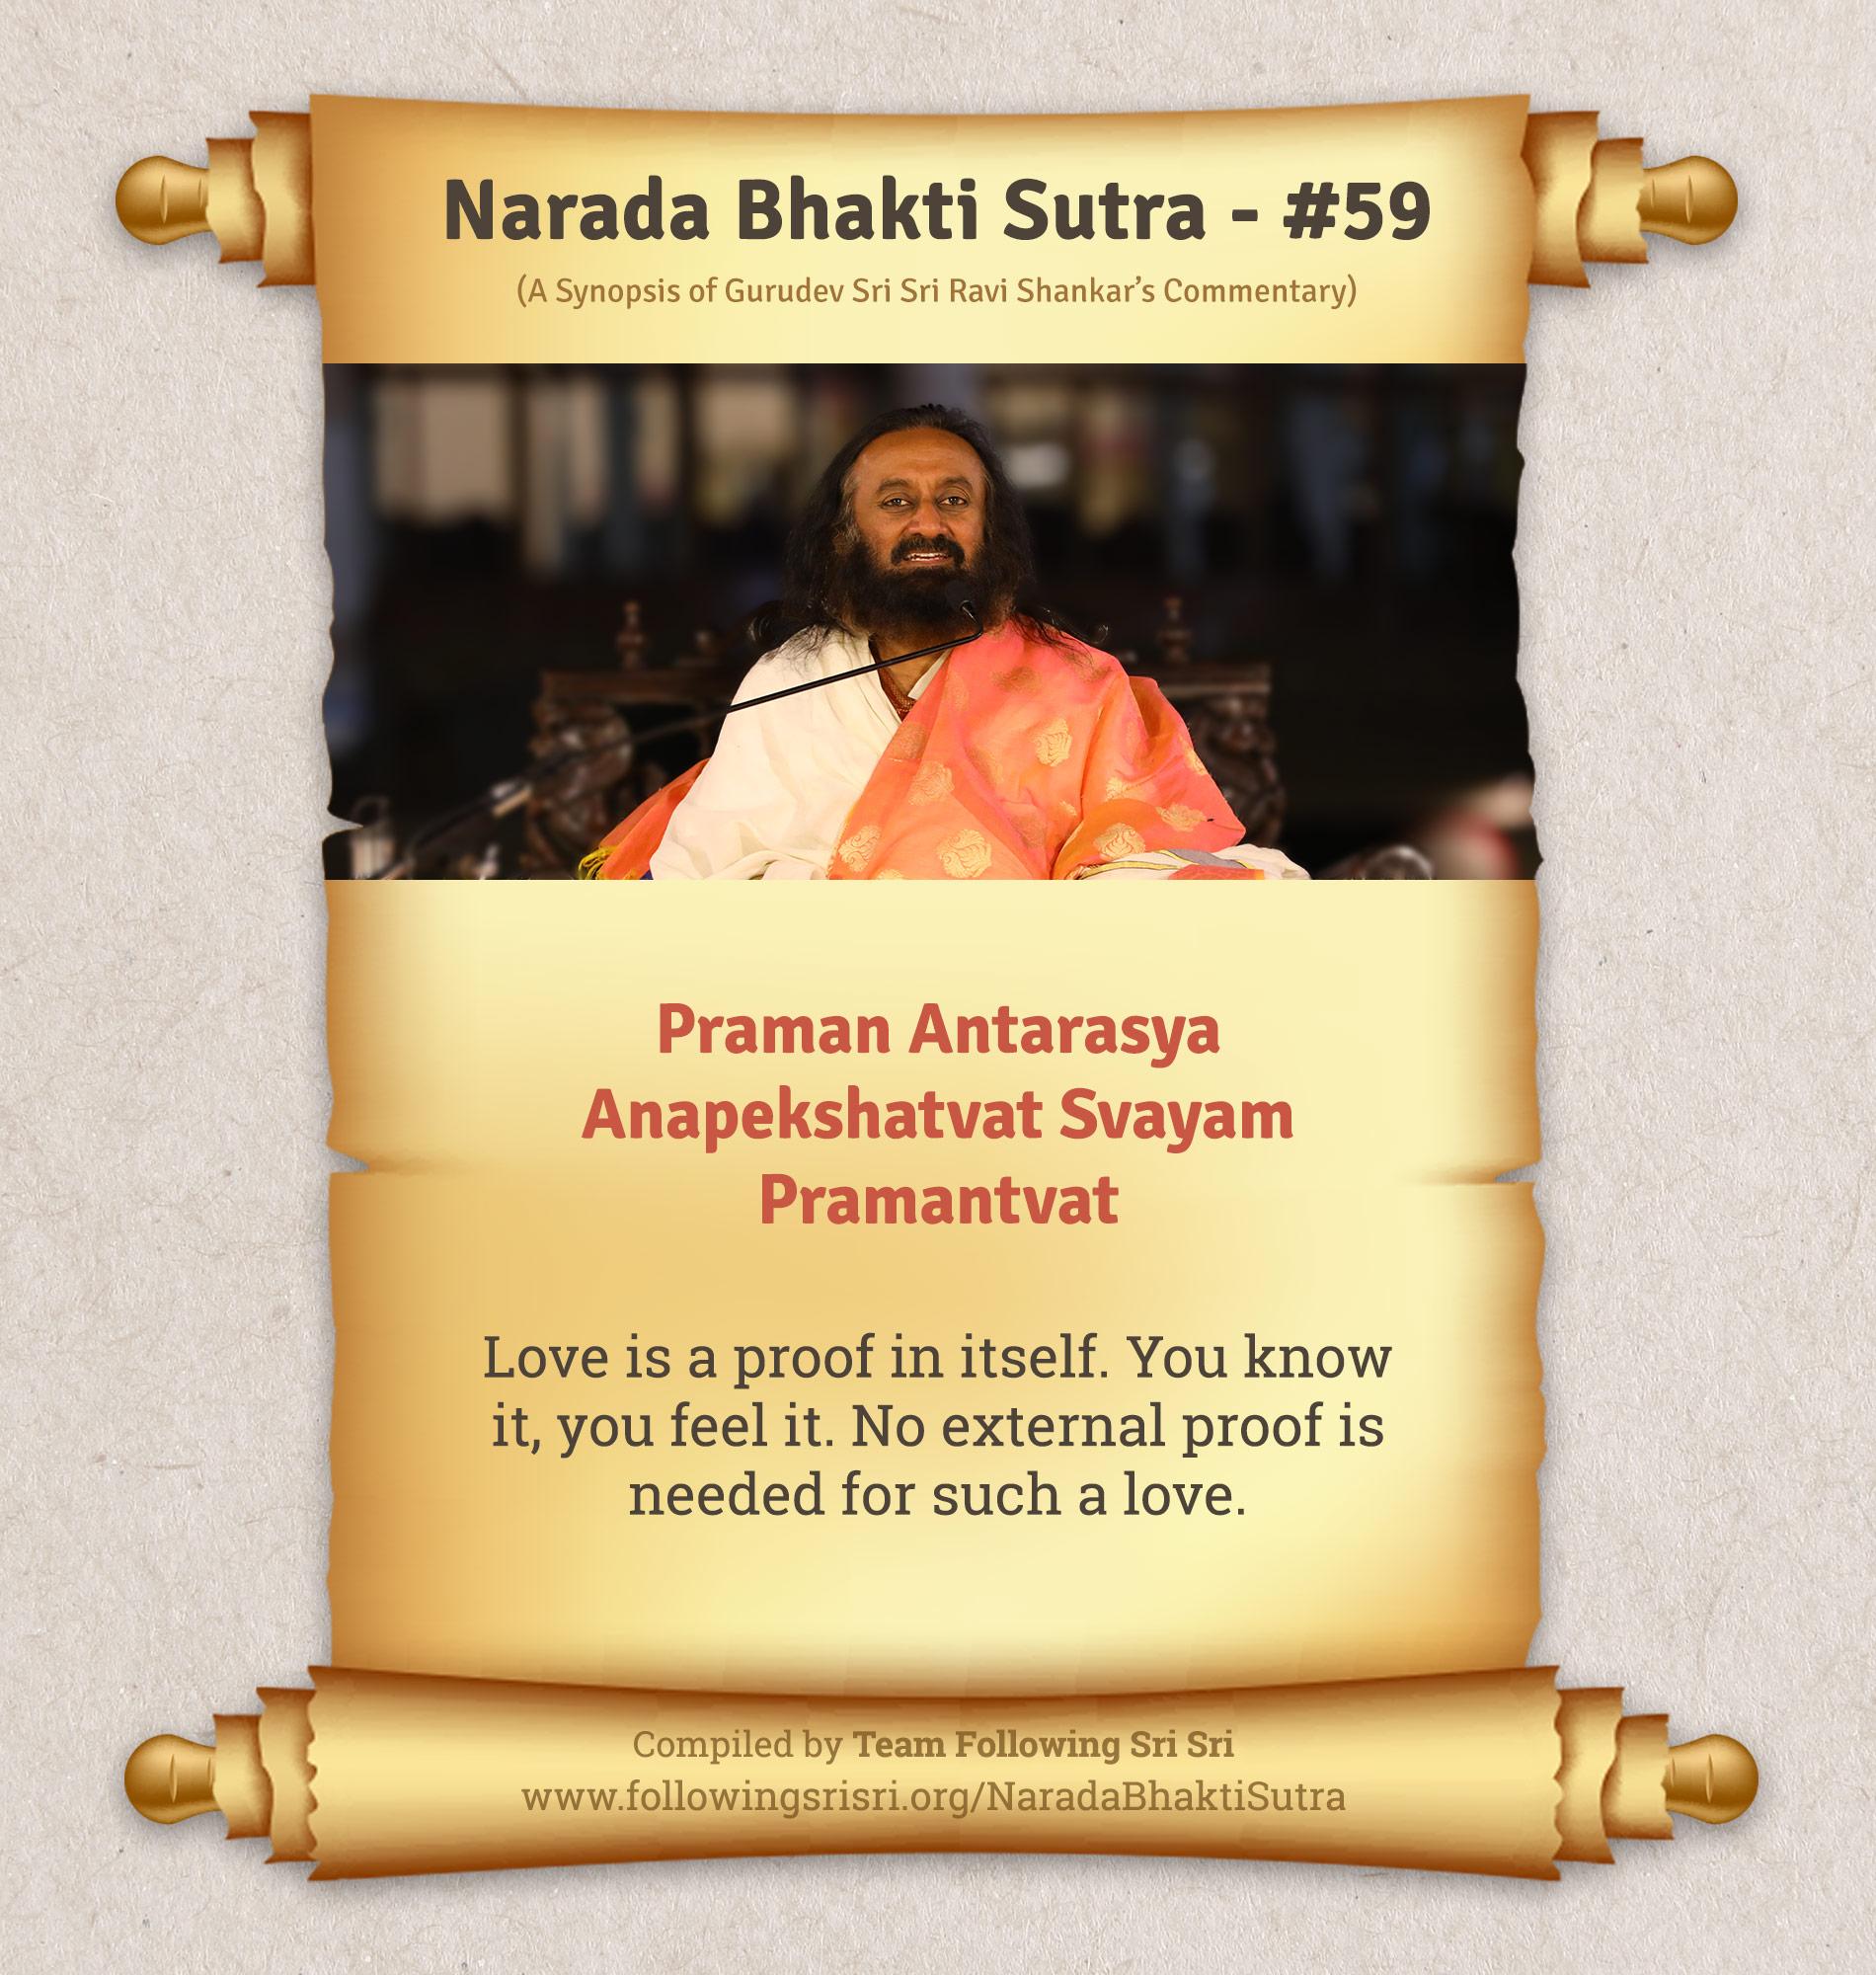 Narada Bhakti Sutras - Sutra 59